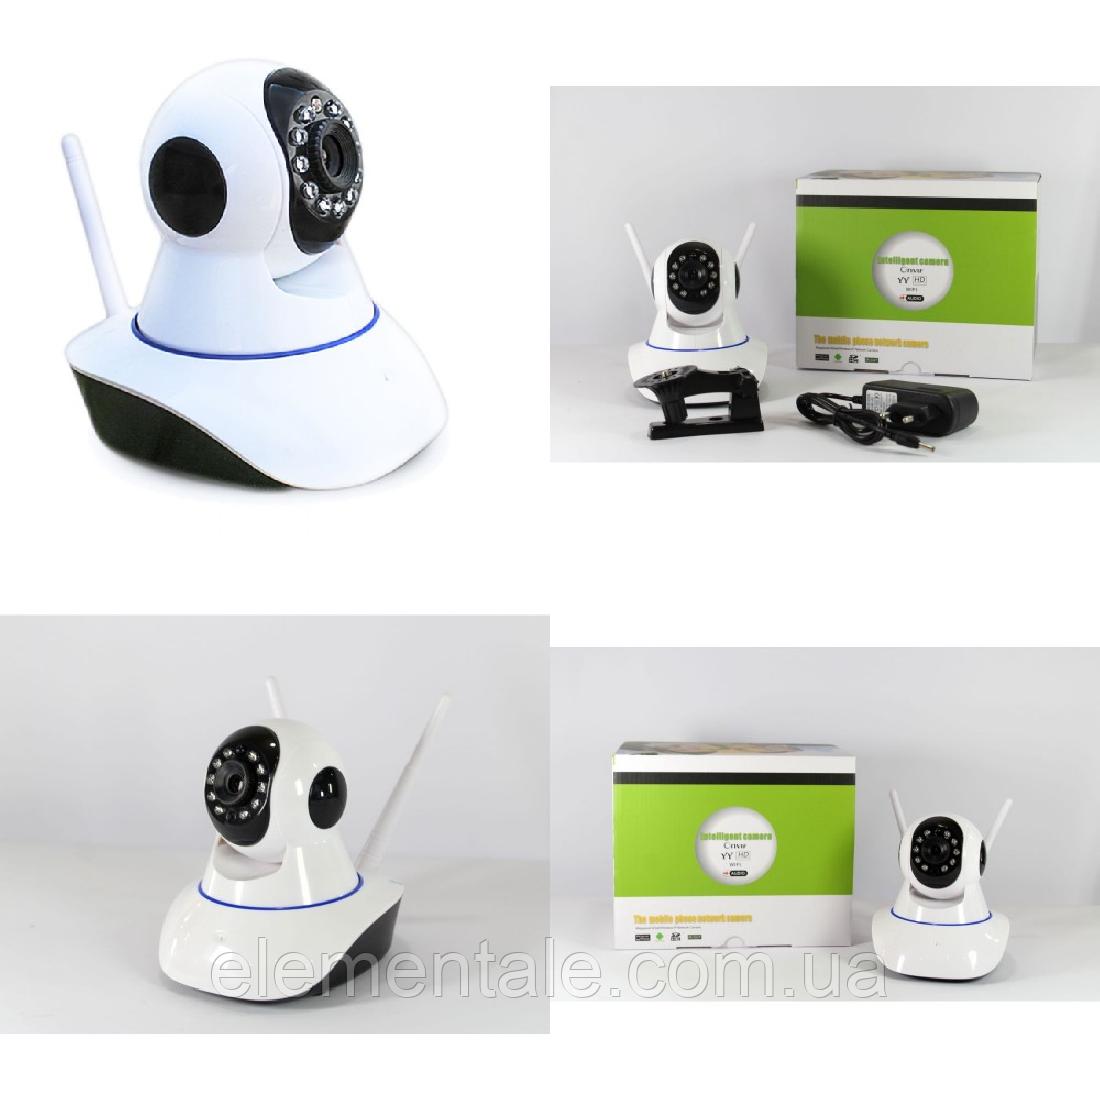 Беспроводная поворотная IP камера видеонаблюдения Good Idea